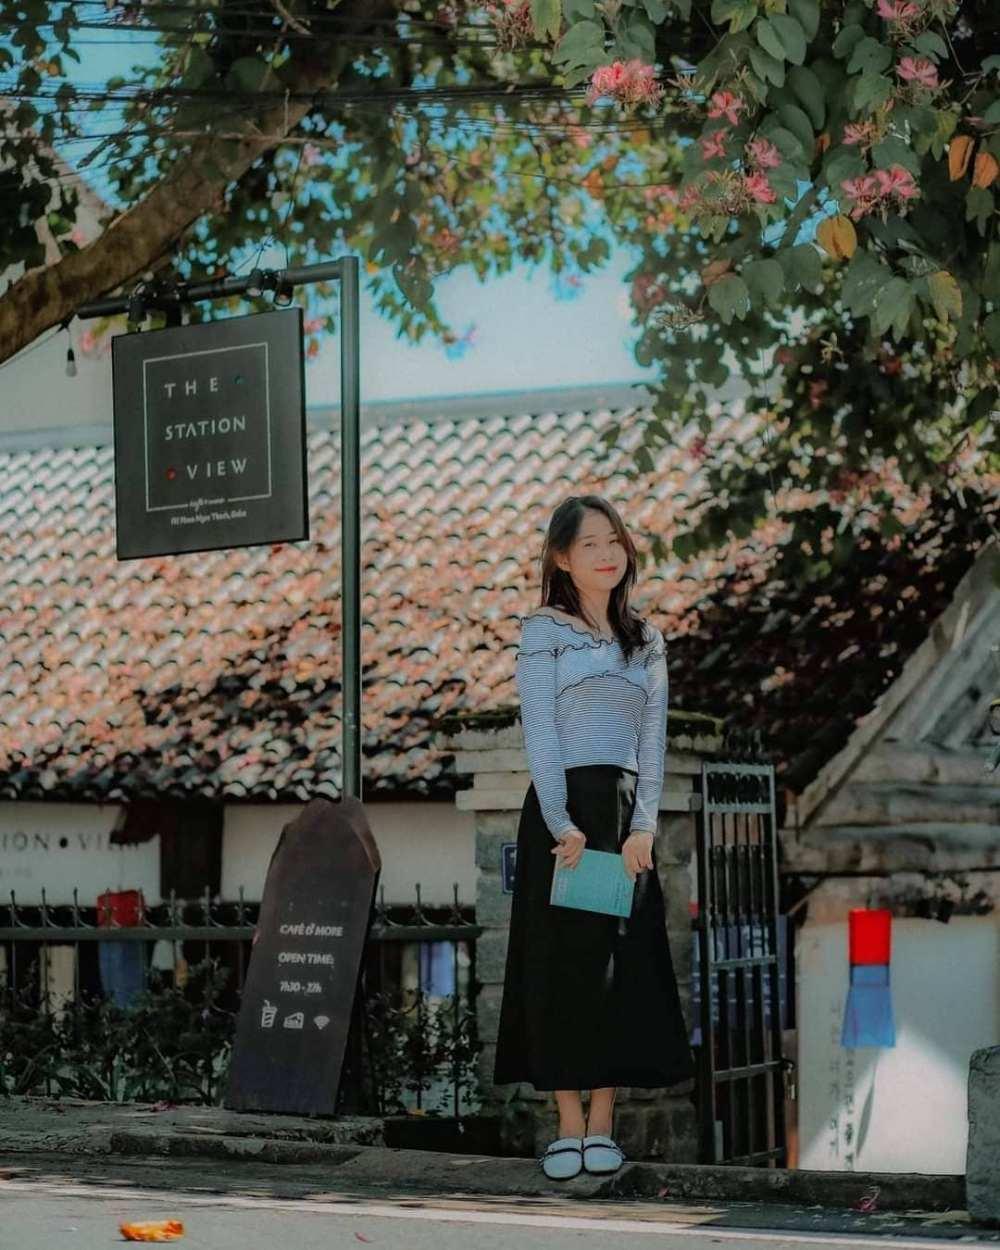 The Station View – Quán cà phê phong cách Hàn Quốc ở Đà Lạt 1